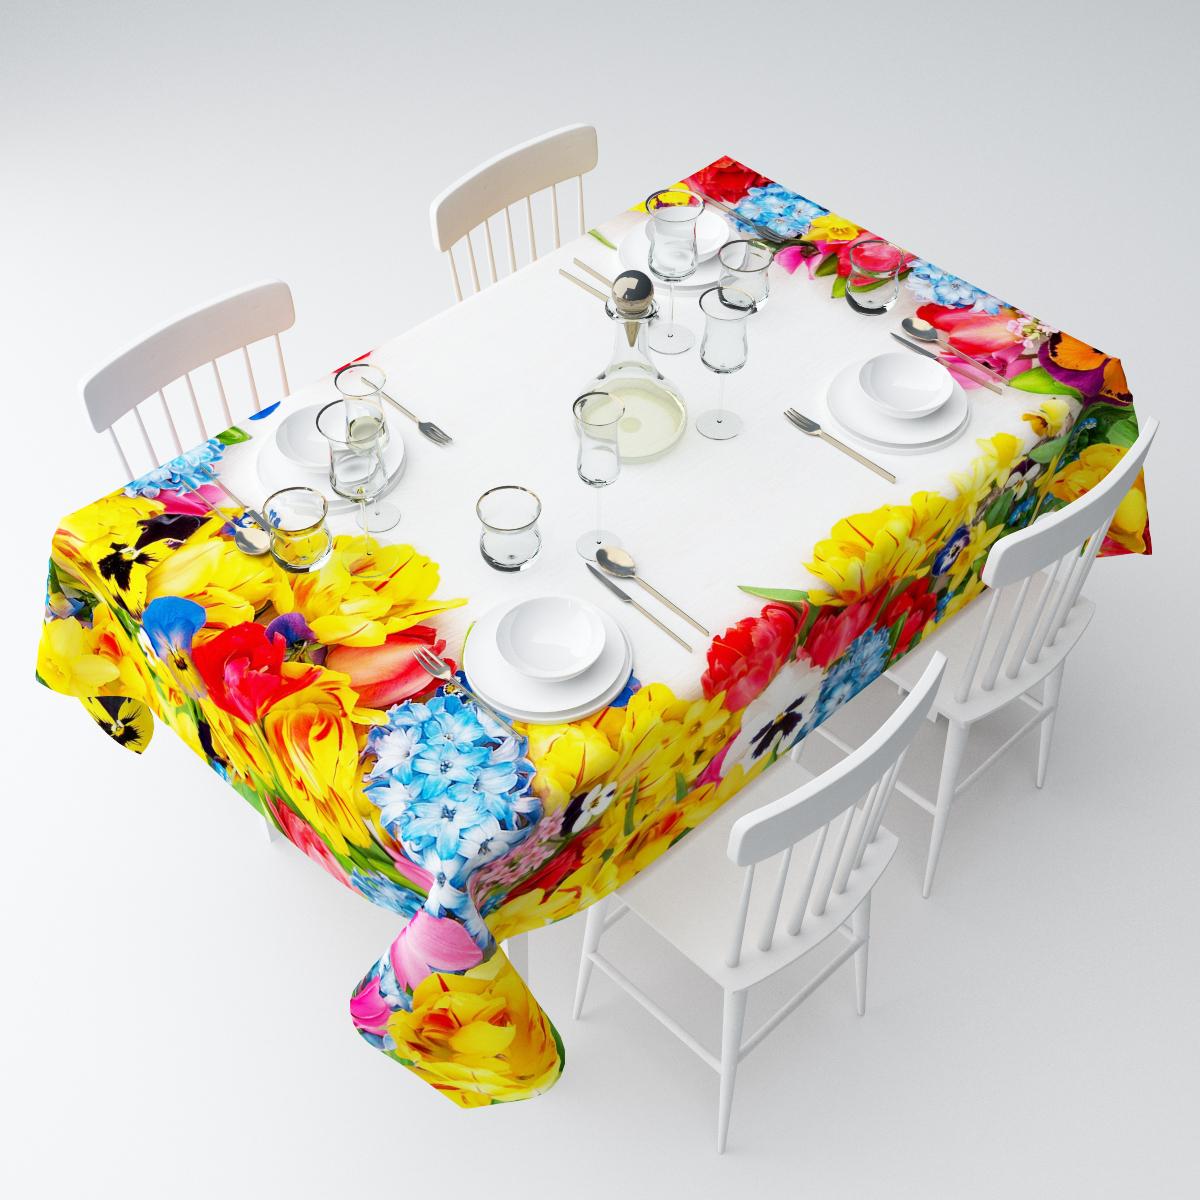 """Прямоугольная скатерть Сирень """"Яркие бутоны цветов"""", выполненная из  габардина с ярким рисунком, преобразит вашу кухню, визуально  расширит пространство, создаст атмосферу радости и комфорта.    Рекомендации по уходу: стирка при 30 градусах, гладить при температуре до 110  градусов.   Размер скатерти: 145 х 220 см.  Изображение может немного отличаться от реального."""